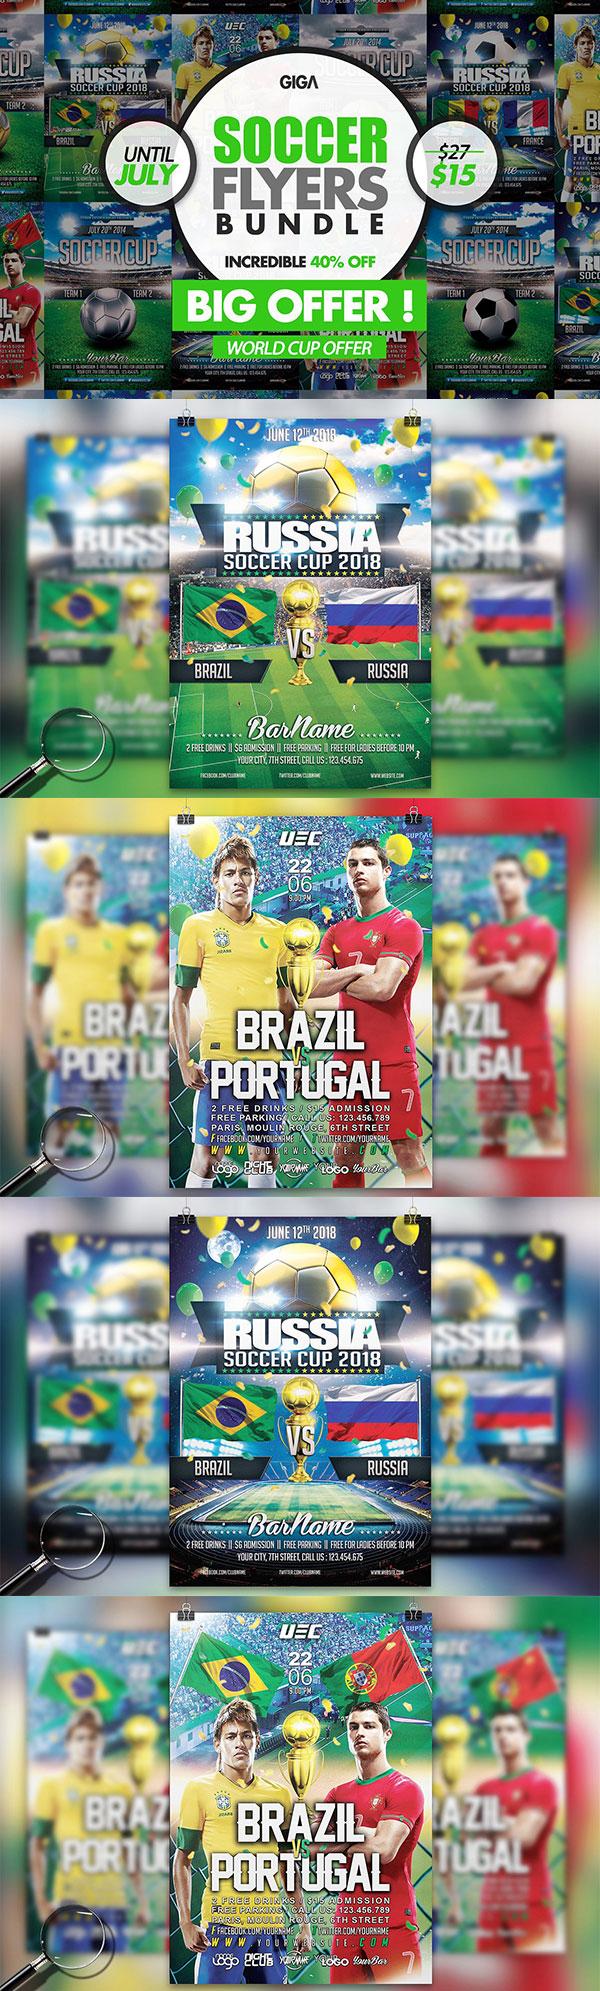 足球海报模板